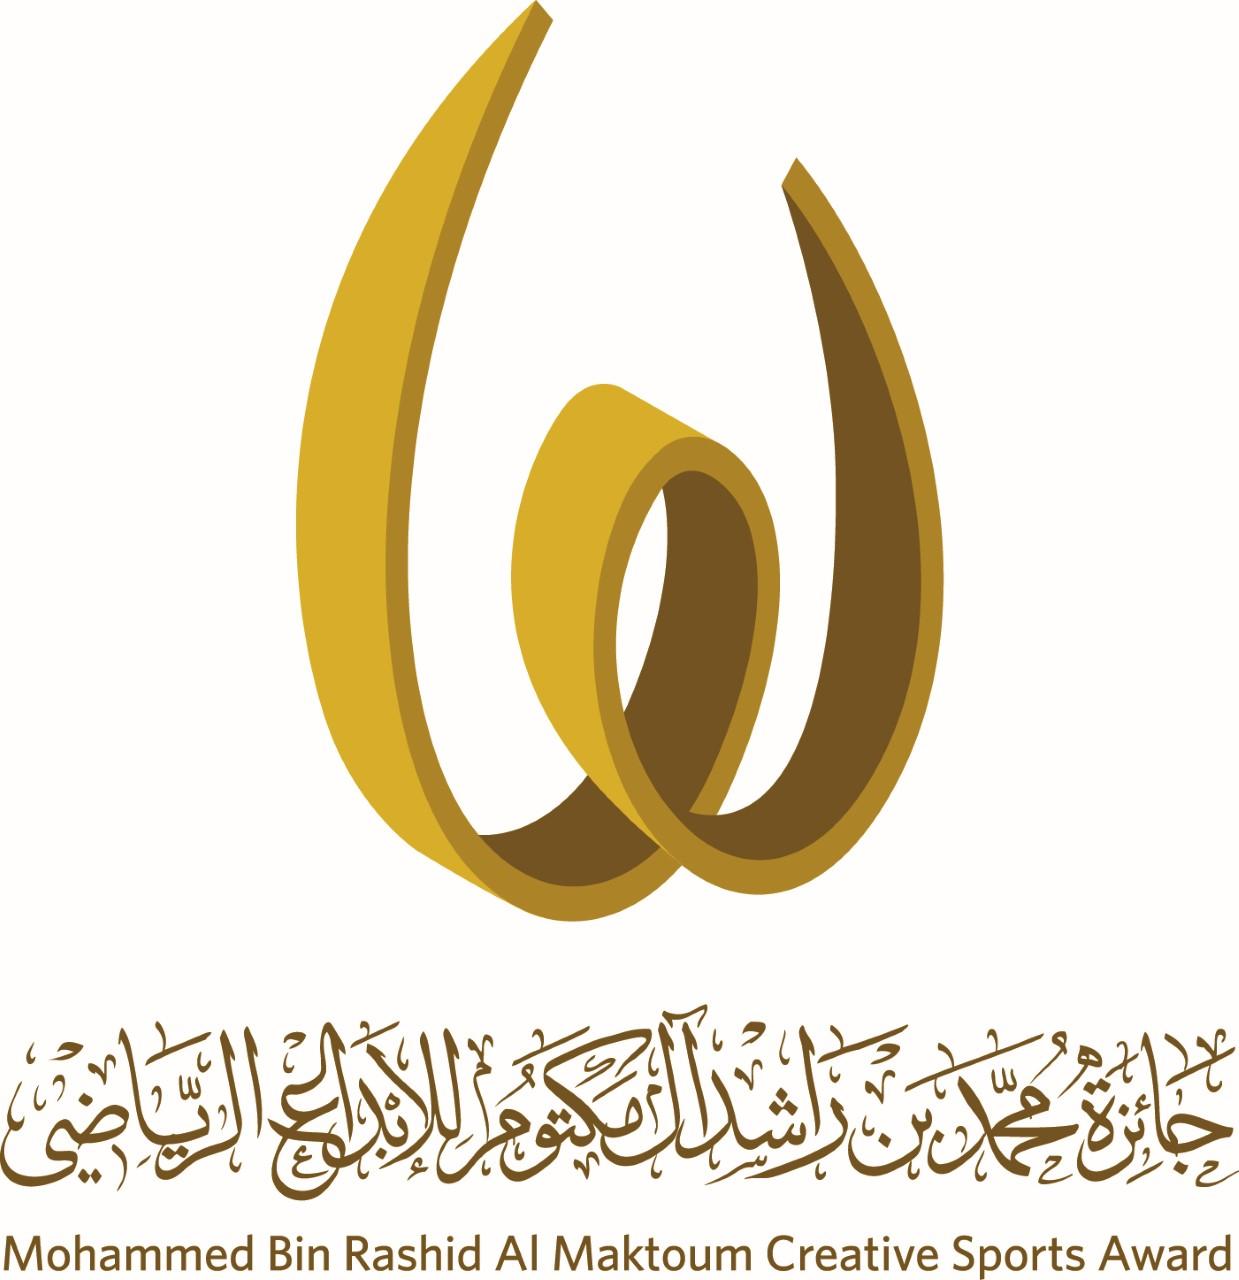 إطلاق التطبيق الذكي لجائزة محمد بن راشد آل مكتوم للإبداع الرياضي